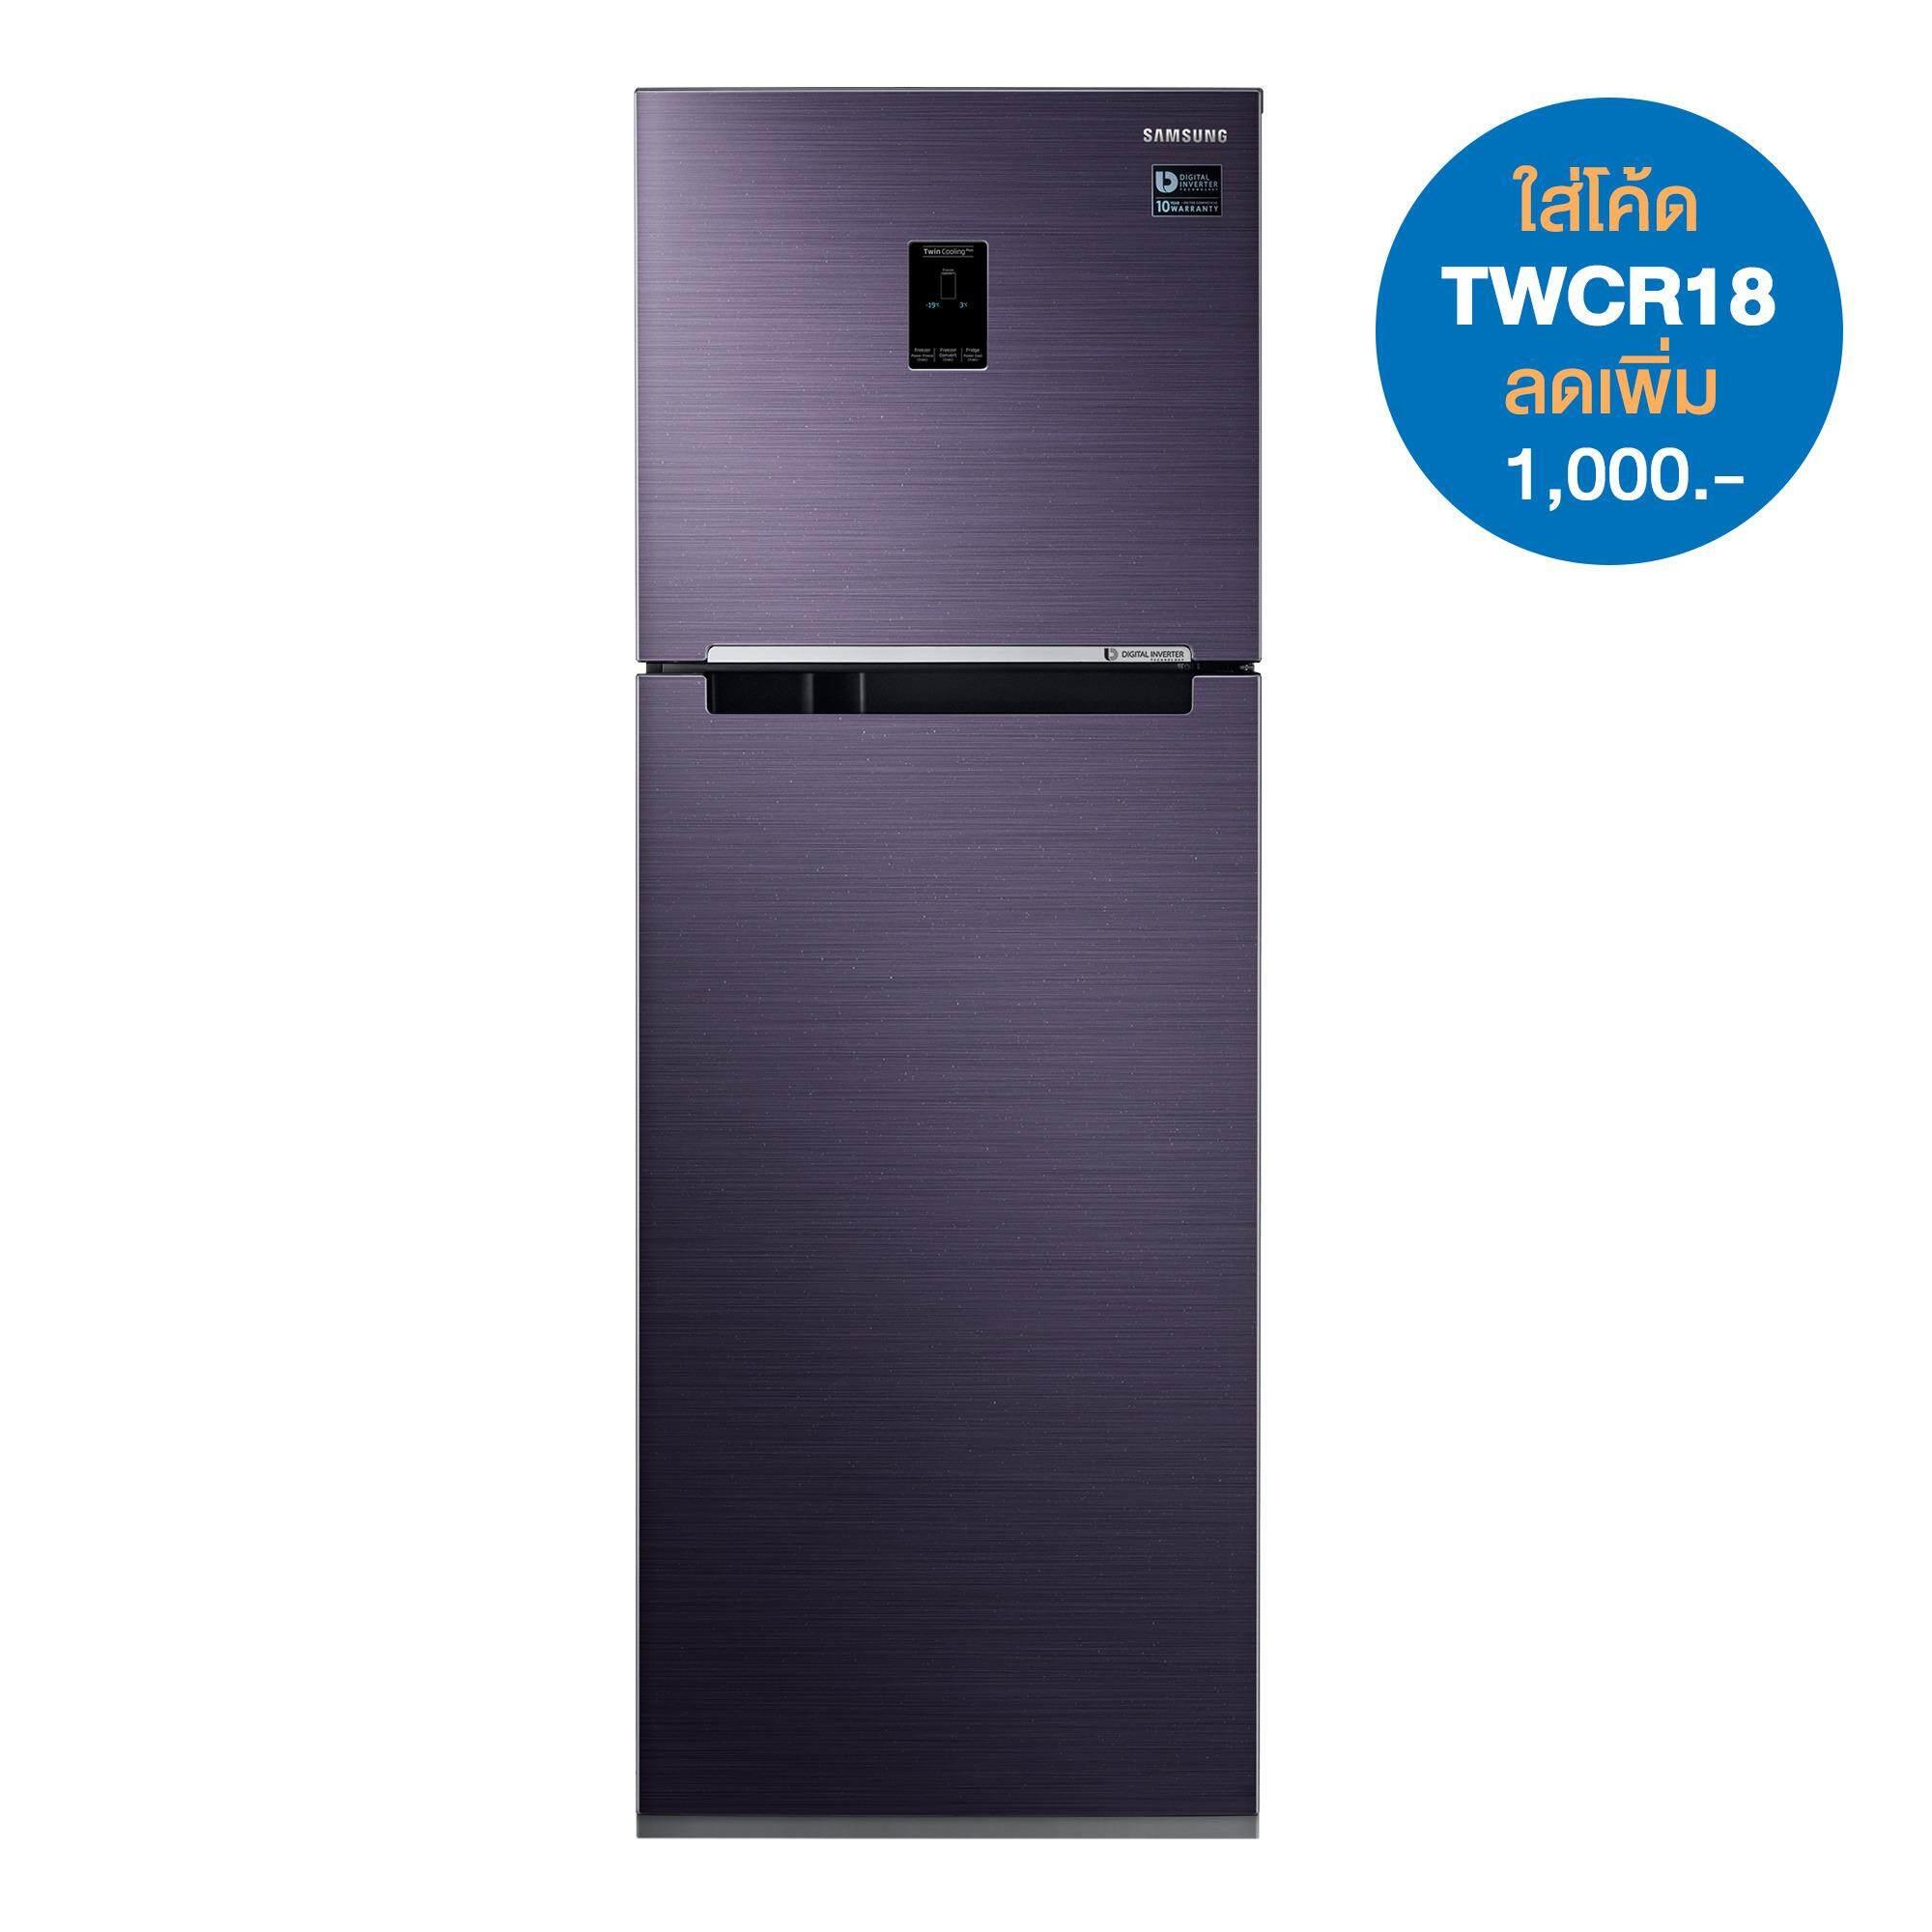 ขาย ซื้อ Samsung ตู้เย็น 2 ประตู Rt32K5534Ut พร้อมด้วย Twin Cooling Plus 323 L กรุงเทพมหานคร